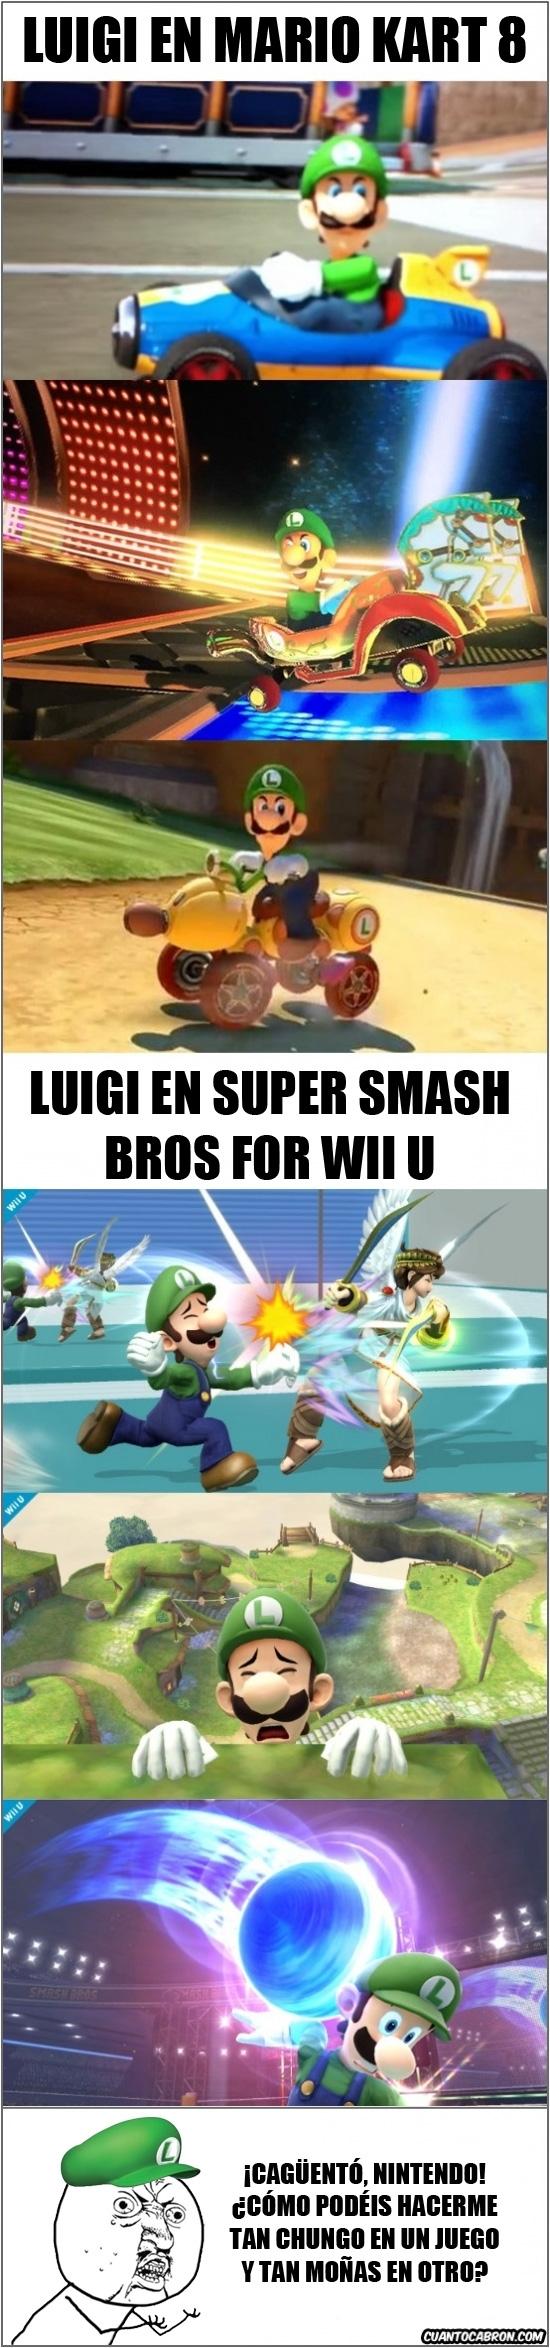 Y_u_no - Luigi cambia de actitud dependiendo de cual sea el juego